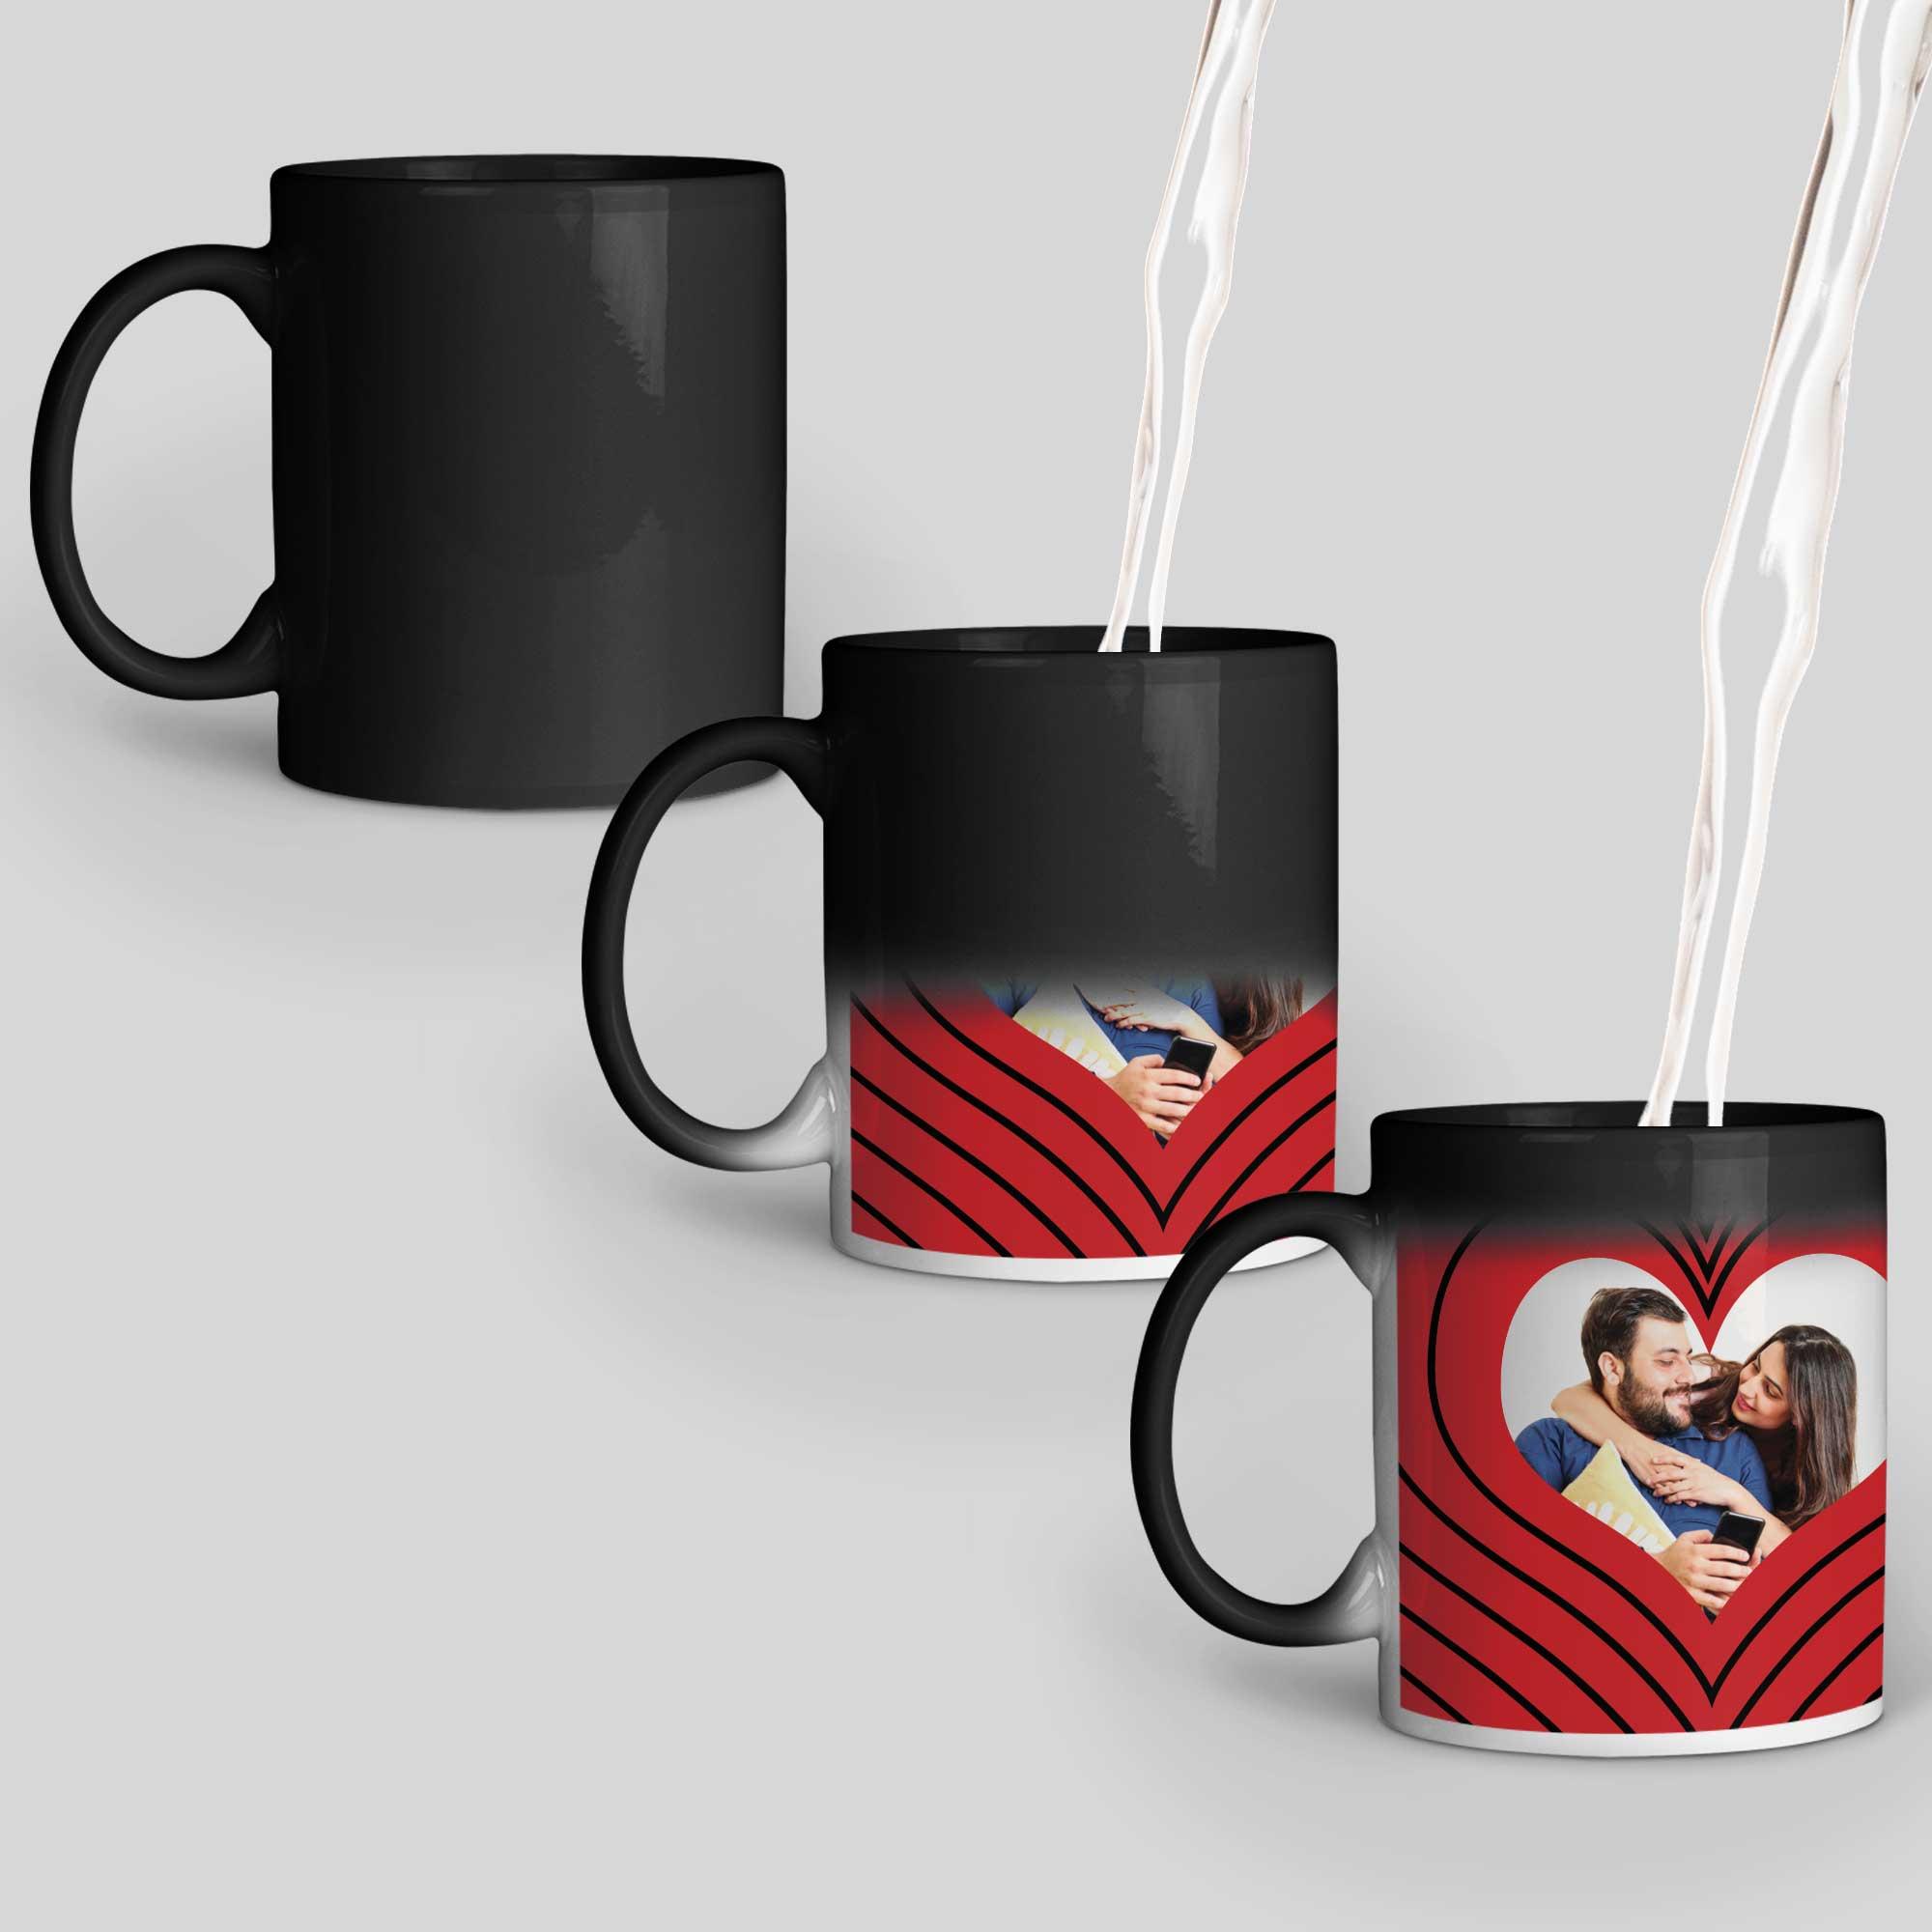 I Love You Personalized Magic Mug